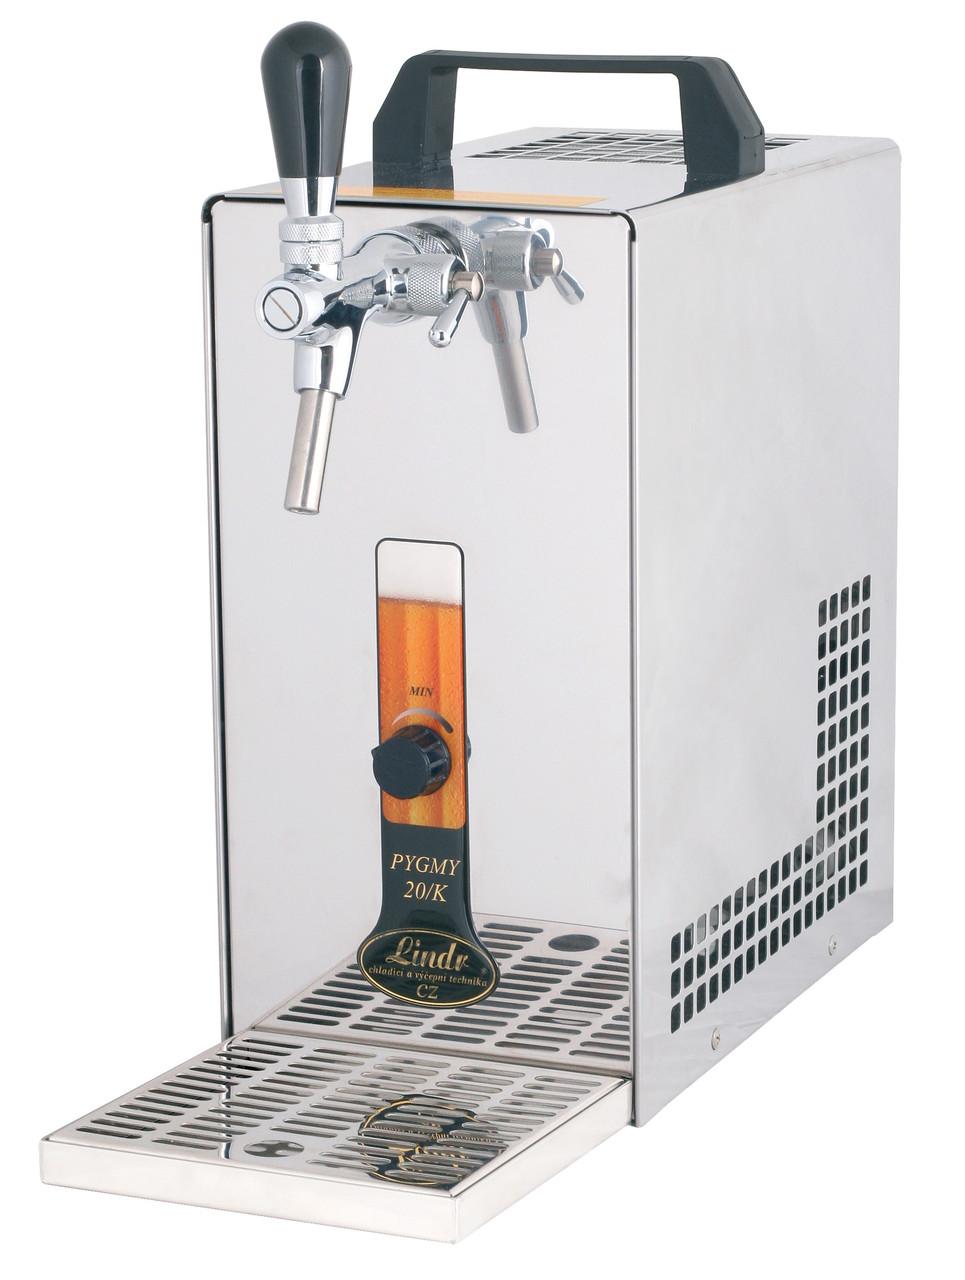 Охладитель пива надстоечный для домашнего бара - 20 л/ч - сухой Pygmy 20/K, с насосом, Lindr, Чехия